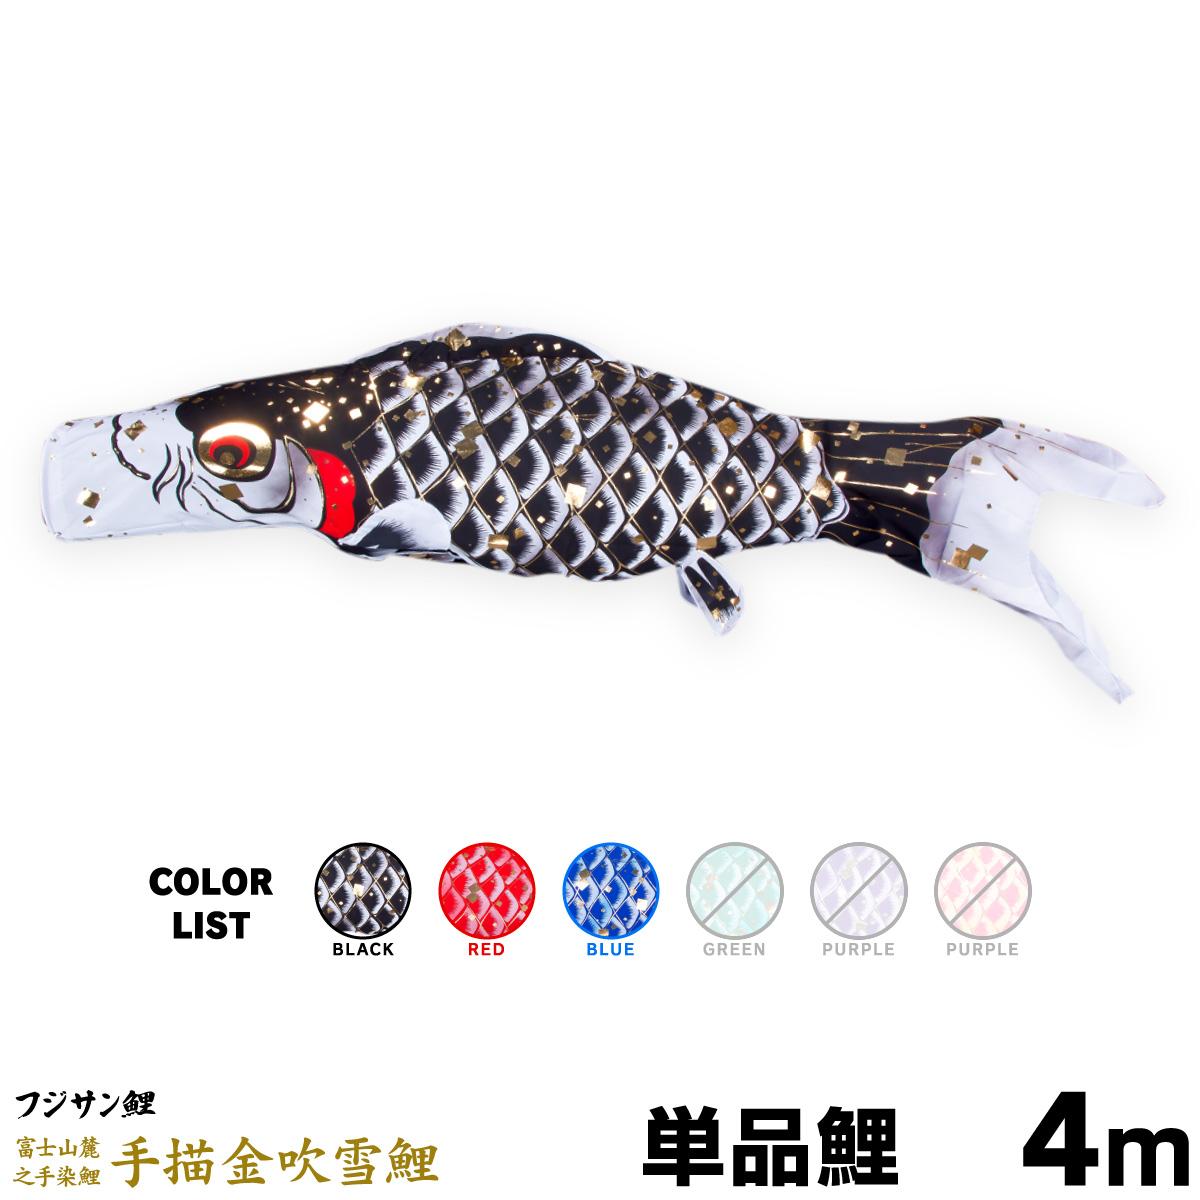 【こいのぼり 単品】 手描金吹雪鯉 4m 単品鯉